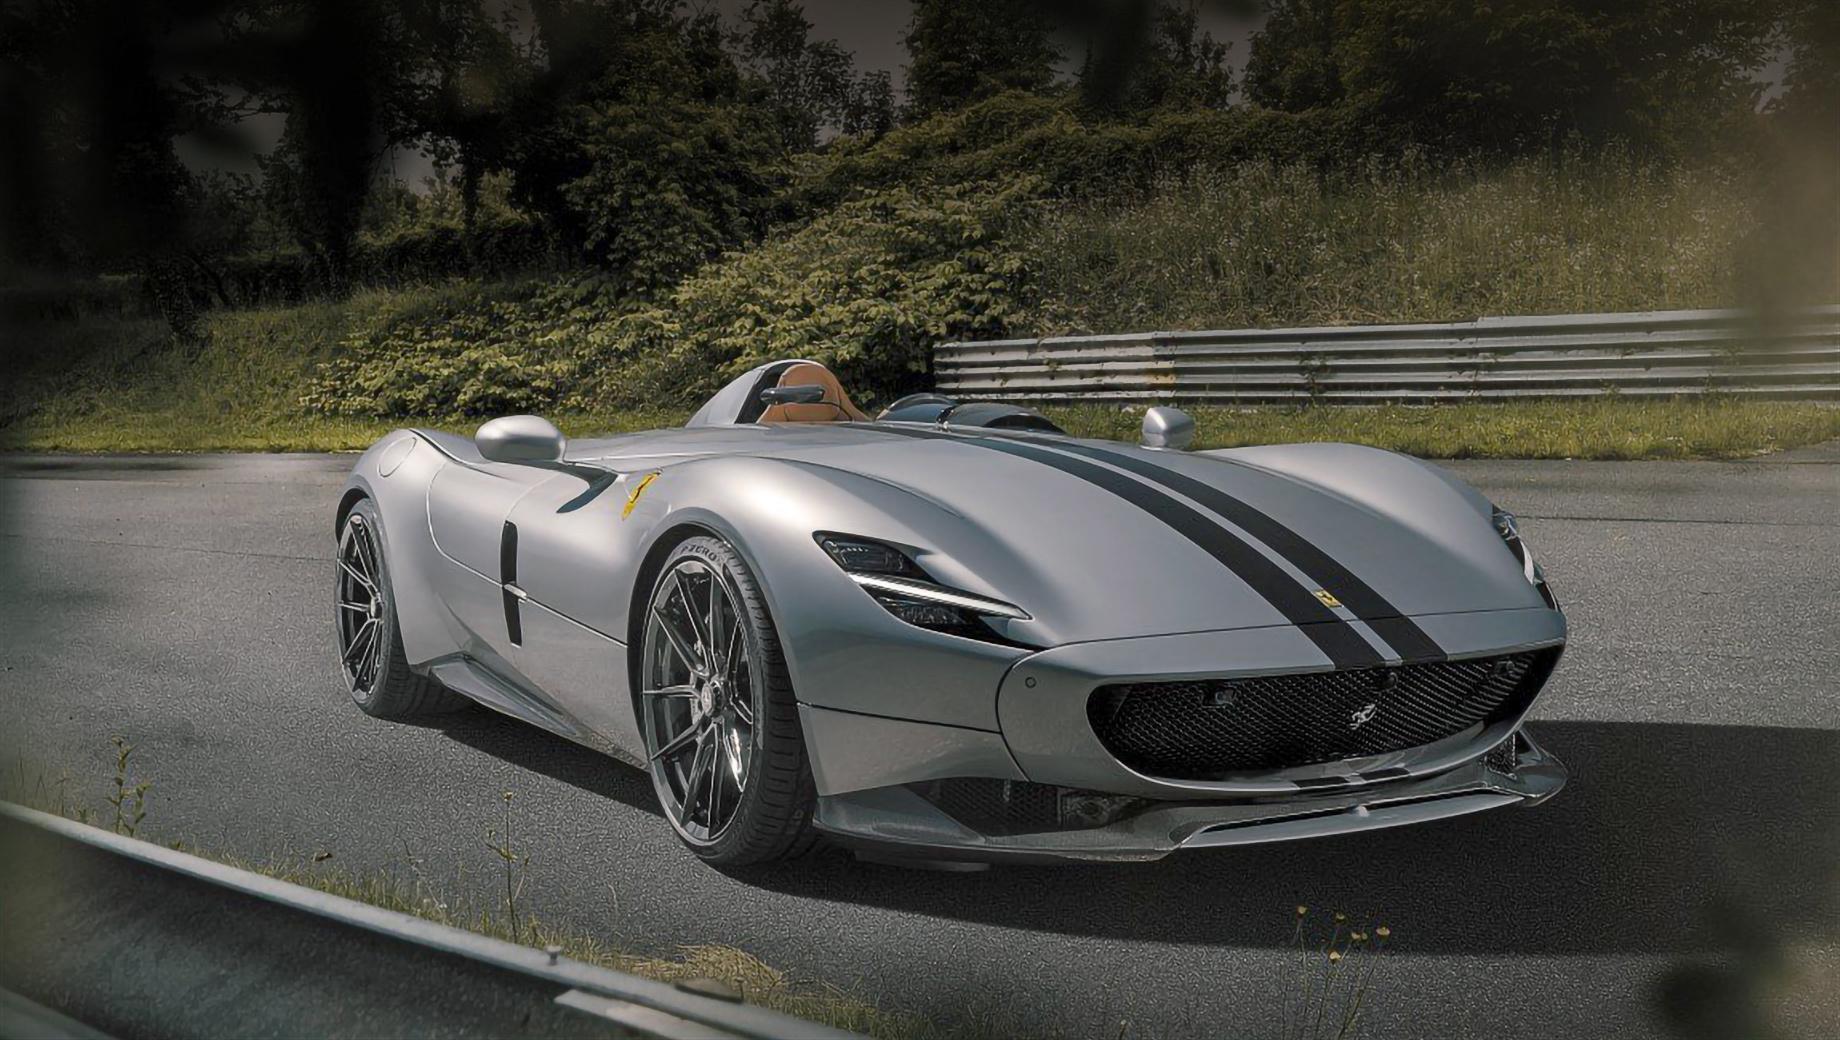 Ferrari monza sp1,Ferrari monza sp2. Отправить на техническую модернизацию можно как SP1, так и SP2. Работы над интерьером — по индивидуальному проекту. Однако на подобные эксперименты решатся далеко не все владельцы, ведь тираж коллекционной «итальянки» составляет всего две сотни экземпляров.